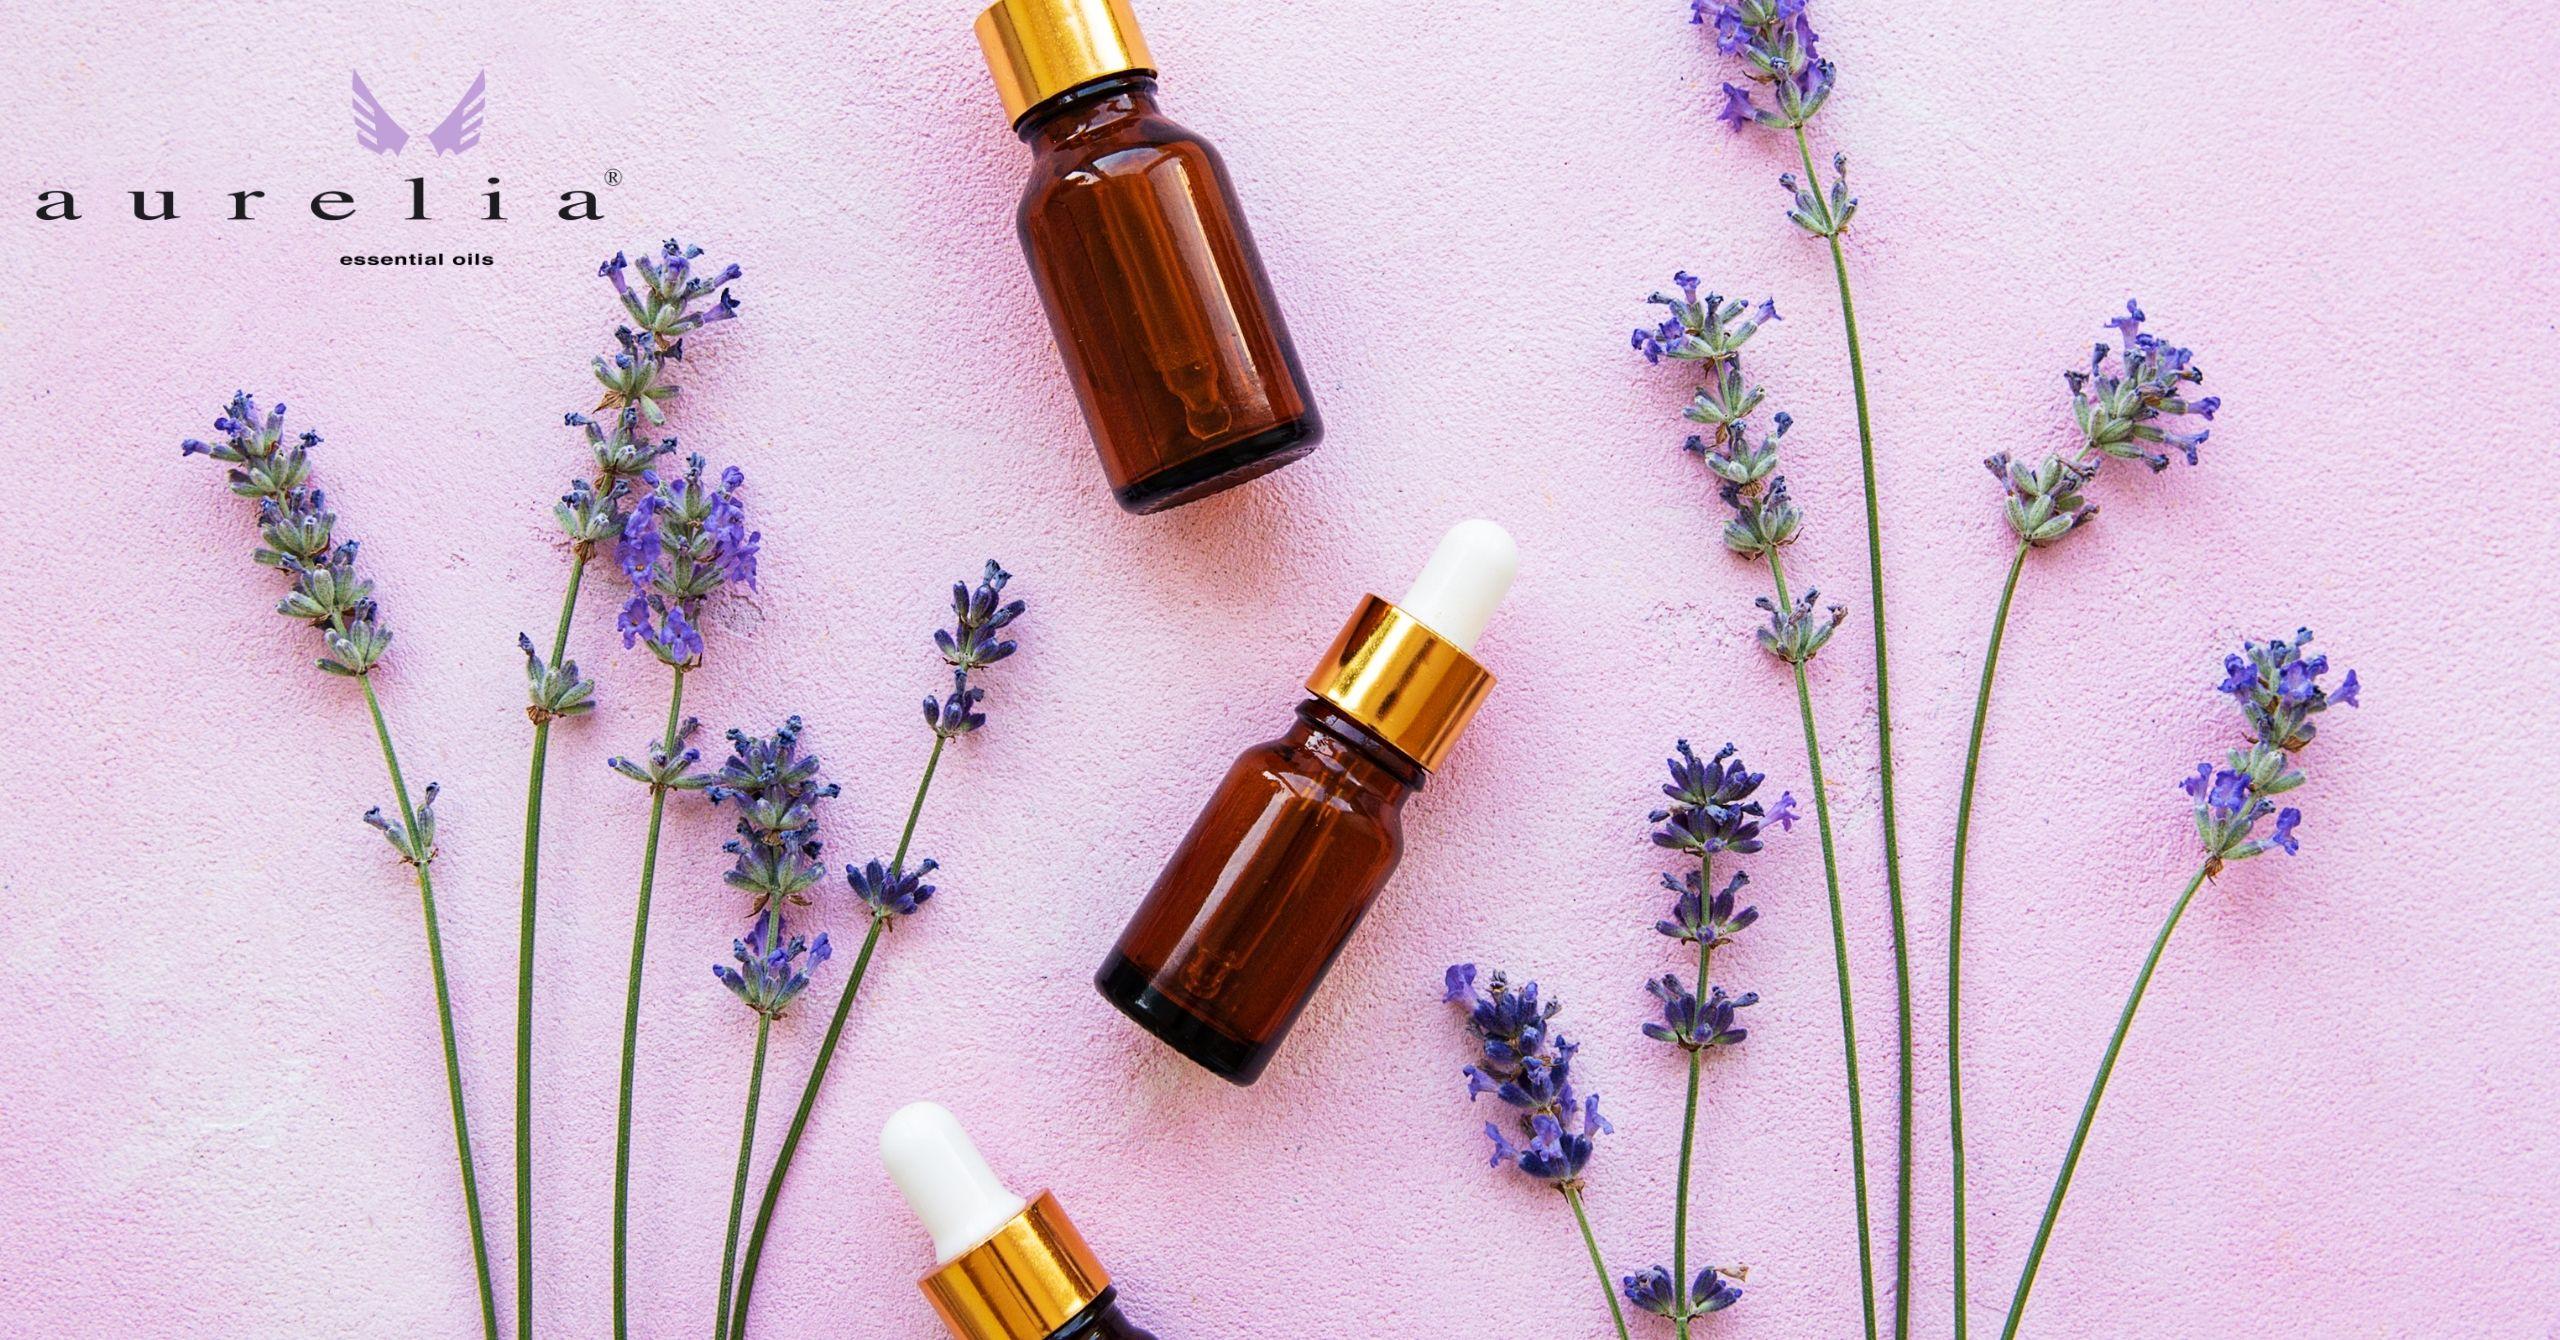 Aurelia Essential Oils